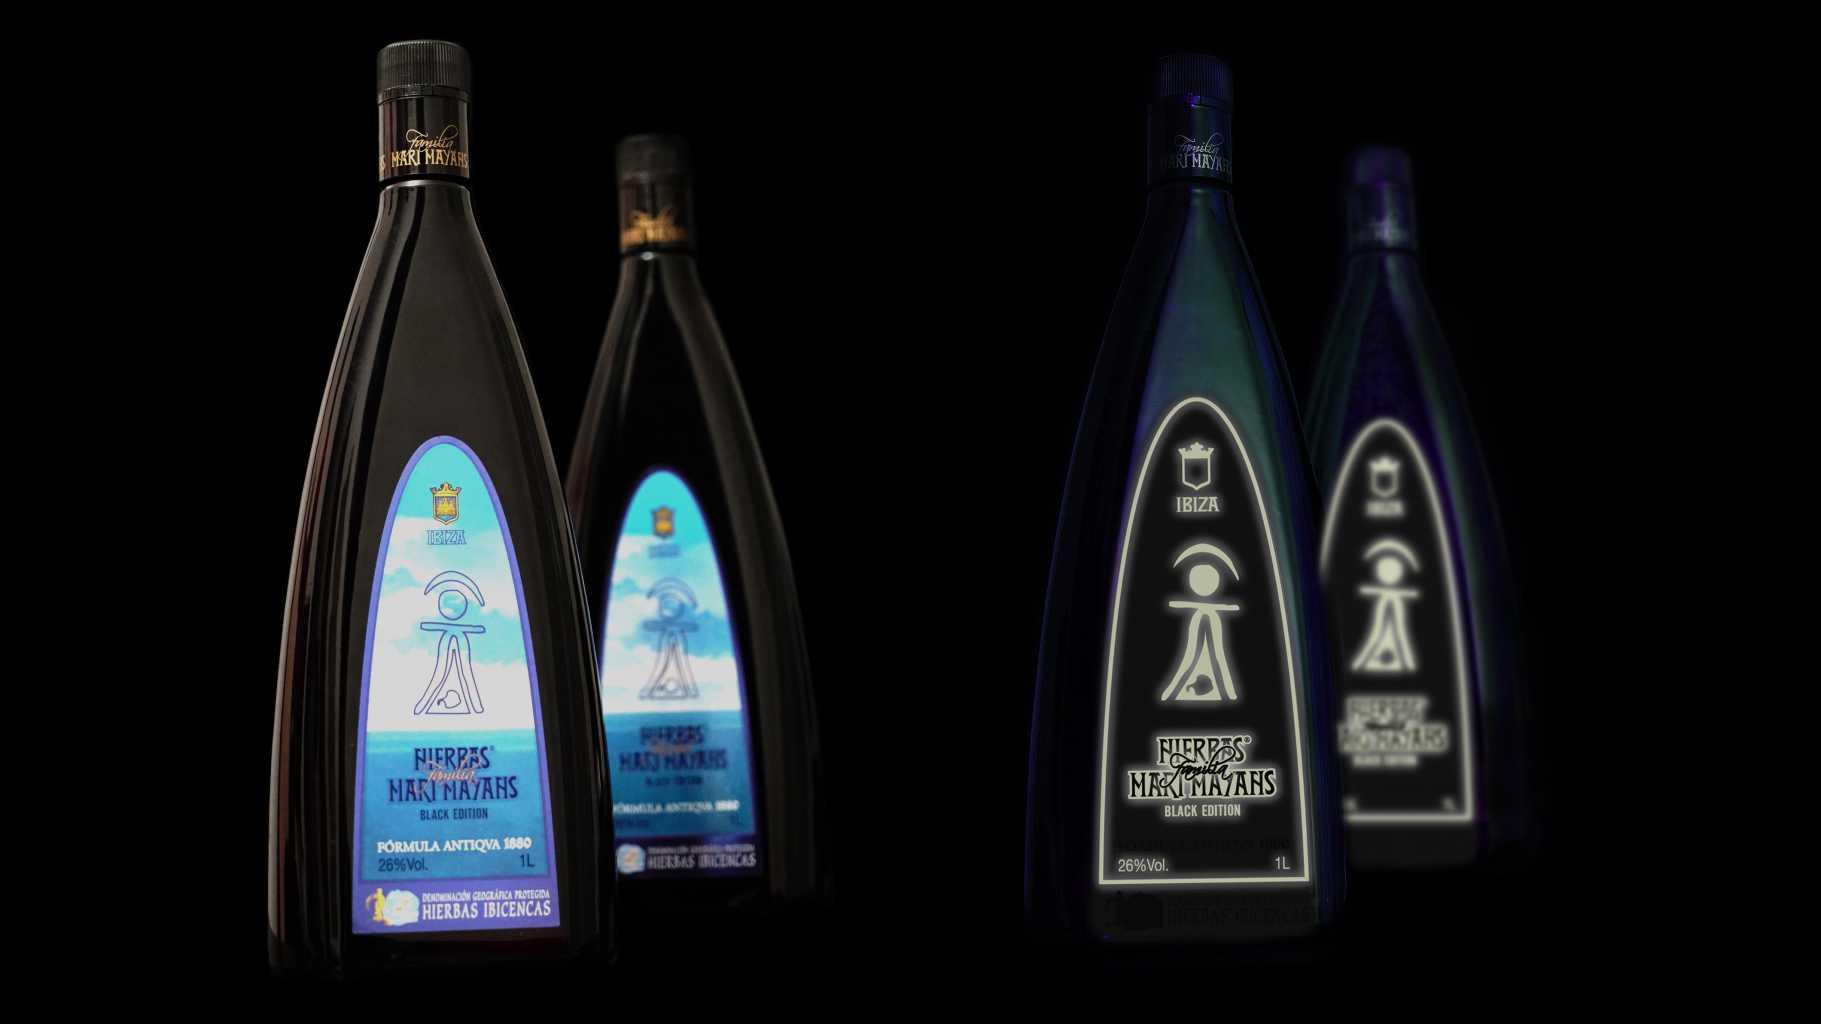 Otro ejemplo de adaptación al entorno es la nueva botella de Marí Mayans, diseñada especialmente para el ocio nocturno. foto: Imam Comunicación